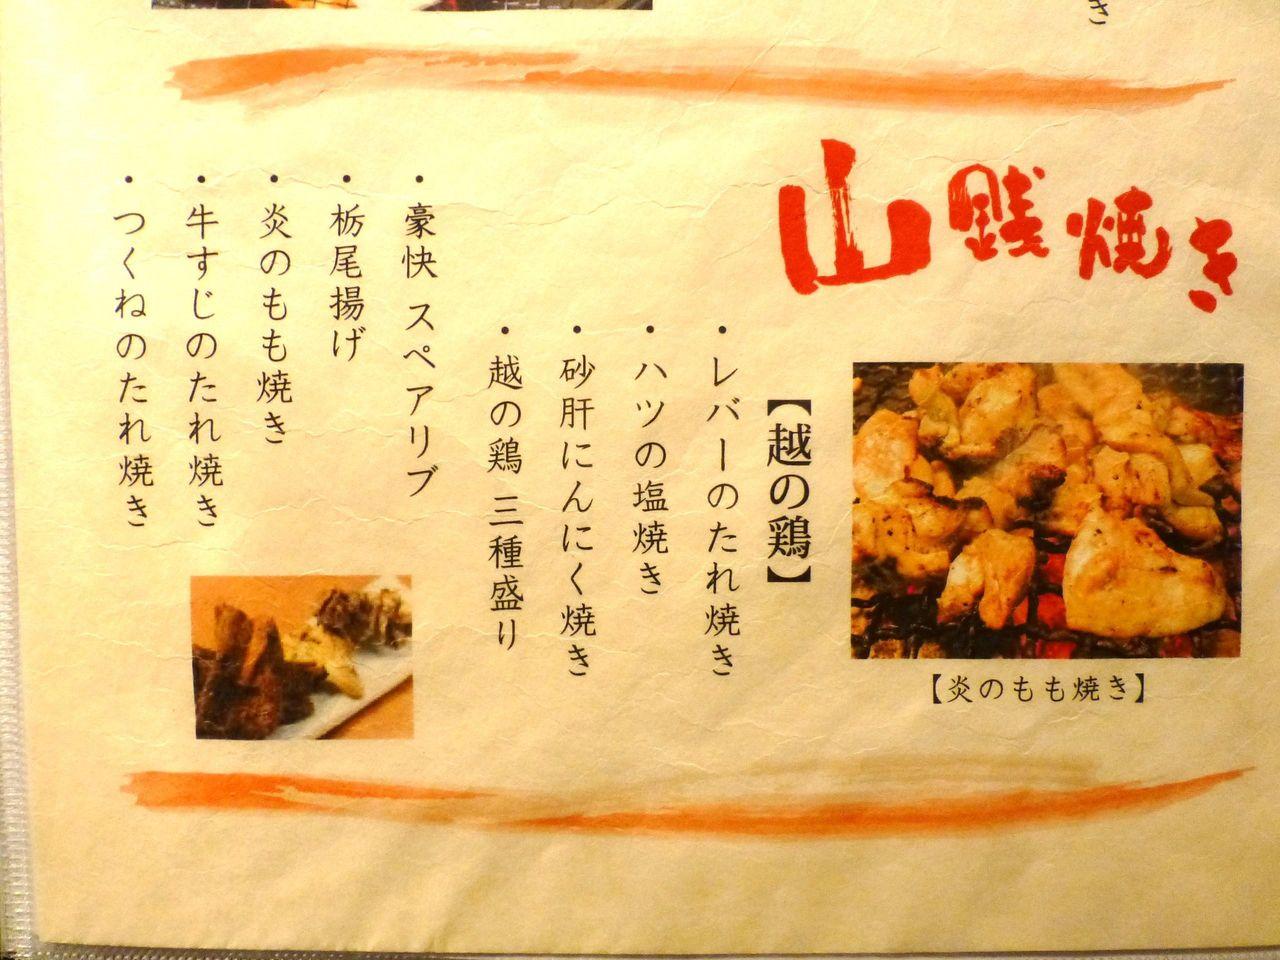 食べ放題メニュー(26年12月現在)